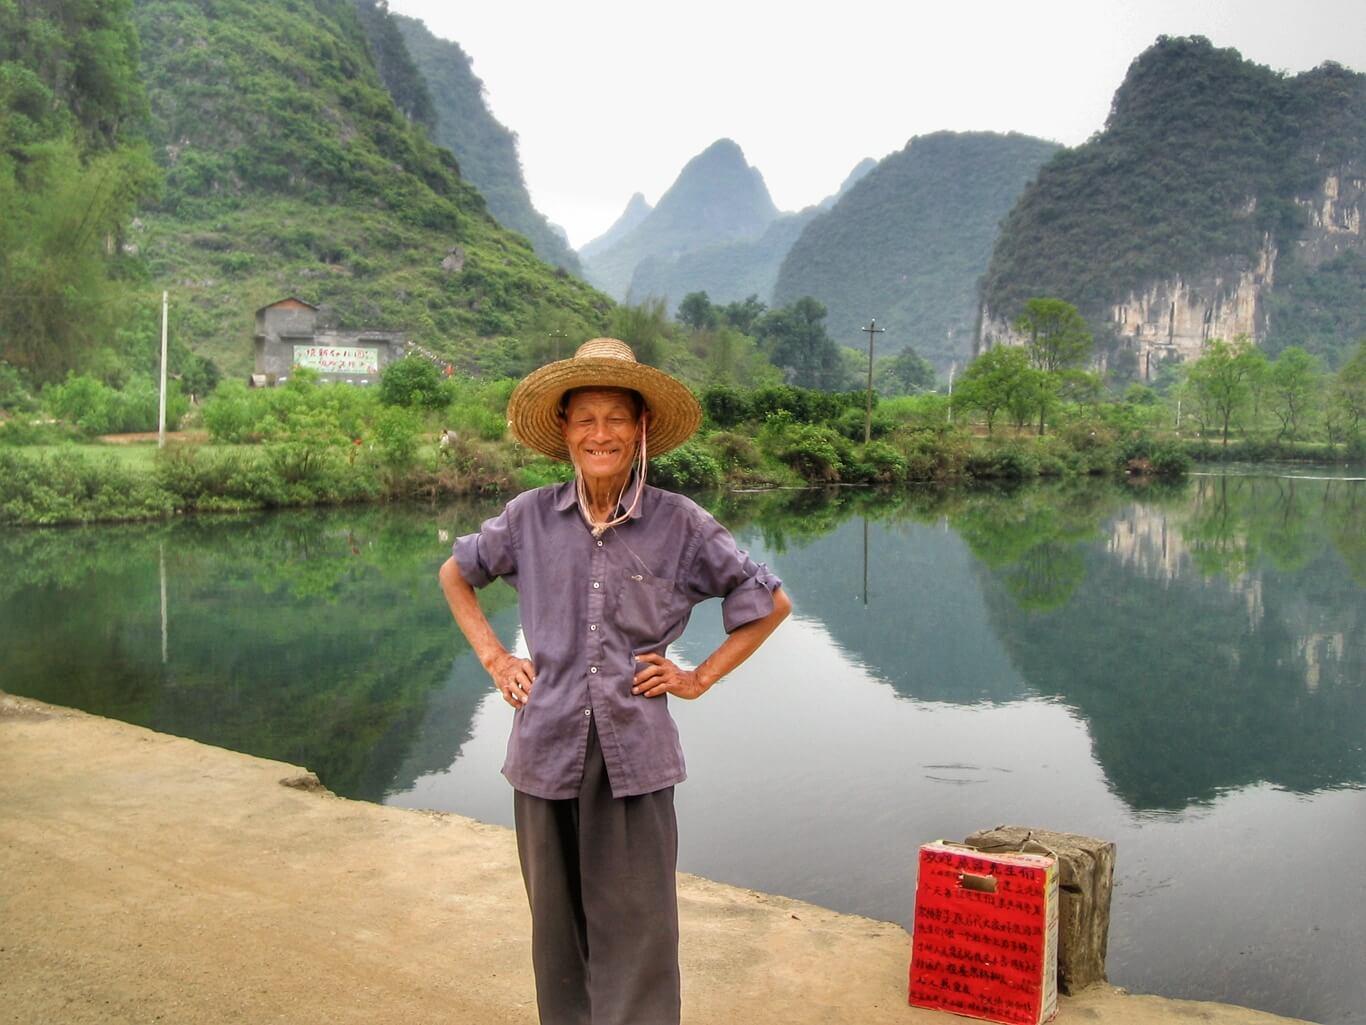 Le monsieur du pont de Jiuxian posant devant les pics karstiques